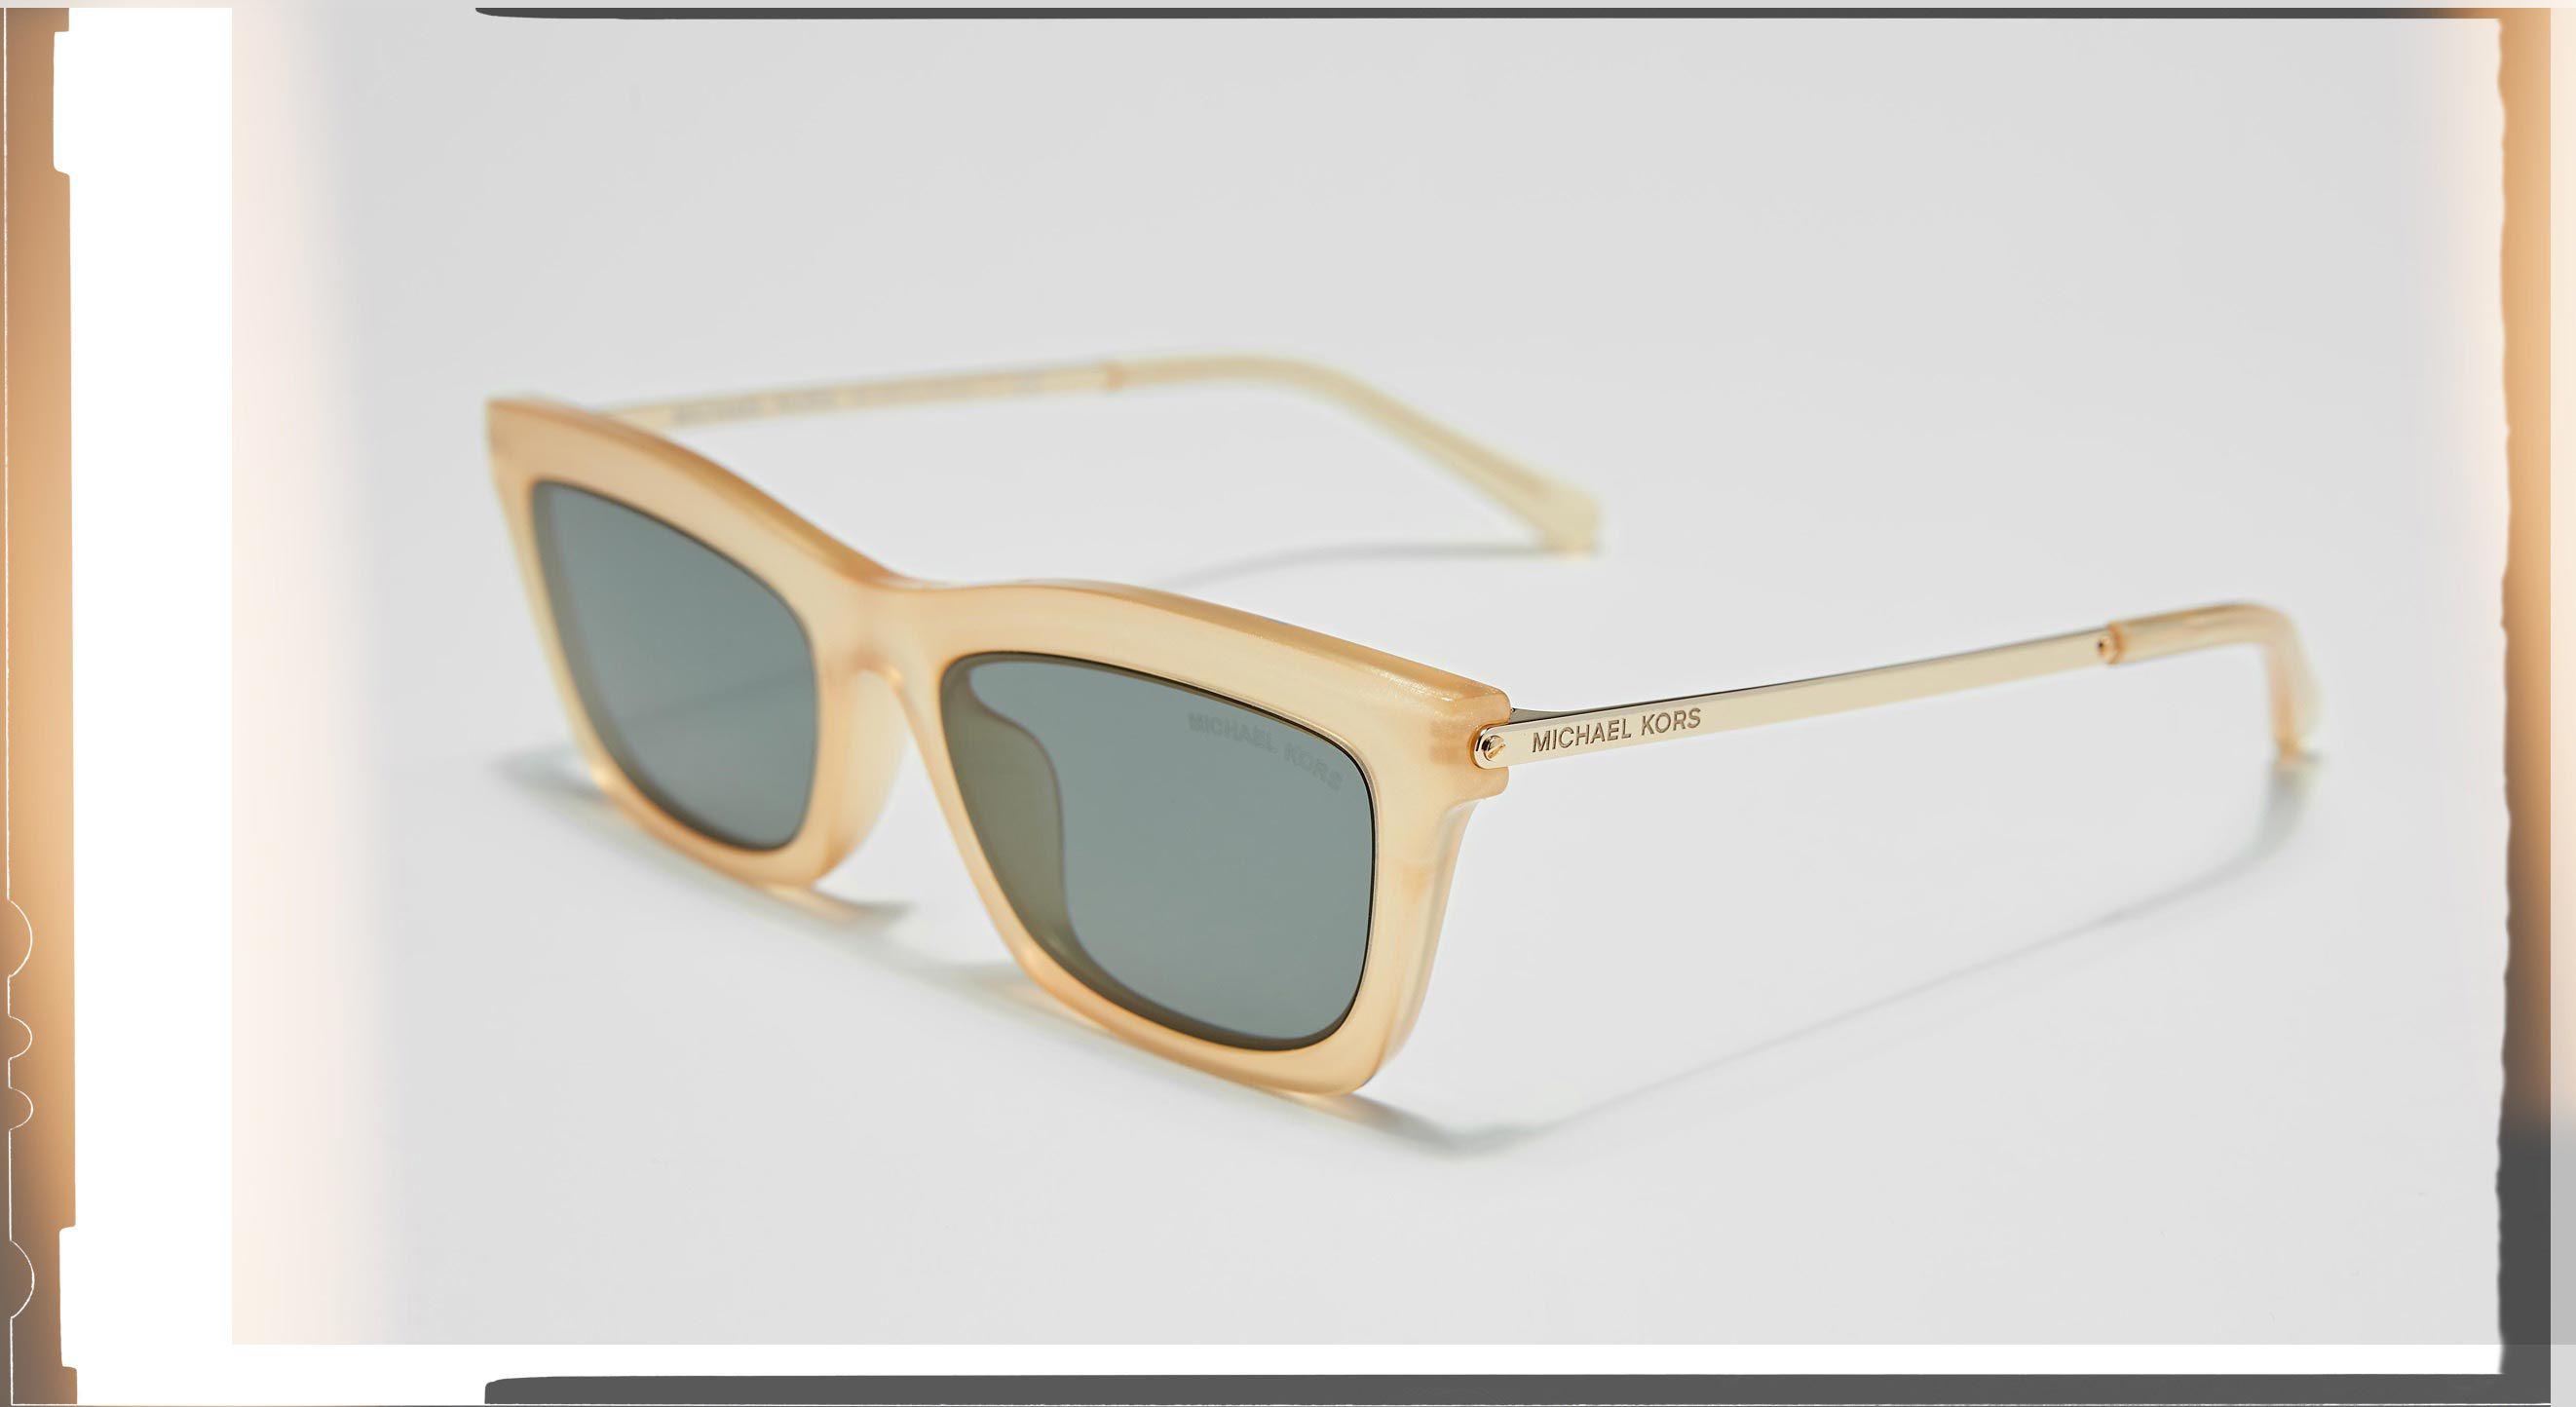 a02da254b090 Trending Sunglasses for Women - Logomania